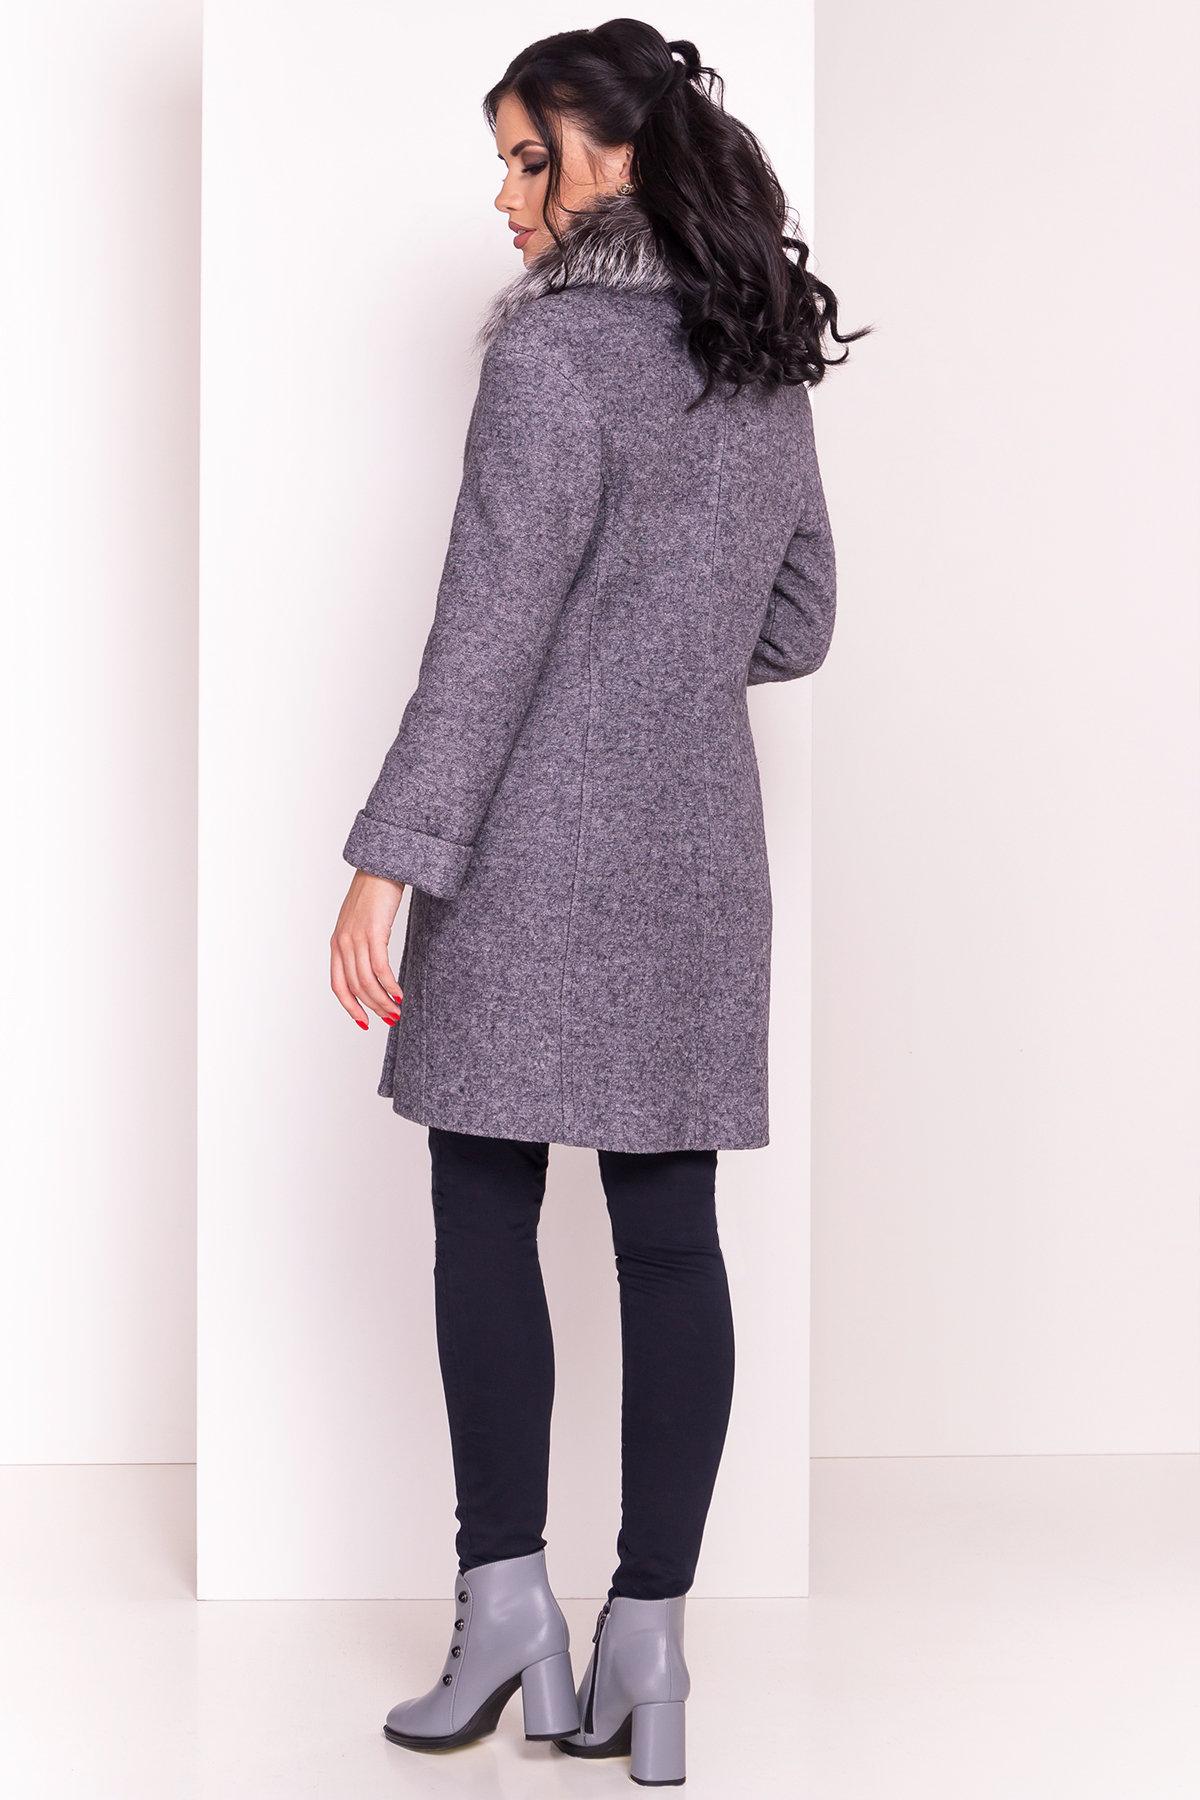 Пальто зима Приора 5427  АРТ. 36750 Цвет: Серый Темный LW-47 - фото 5, интернет магазин tm-modus.ru